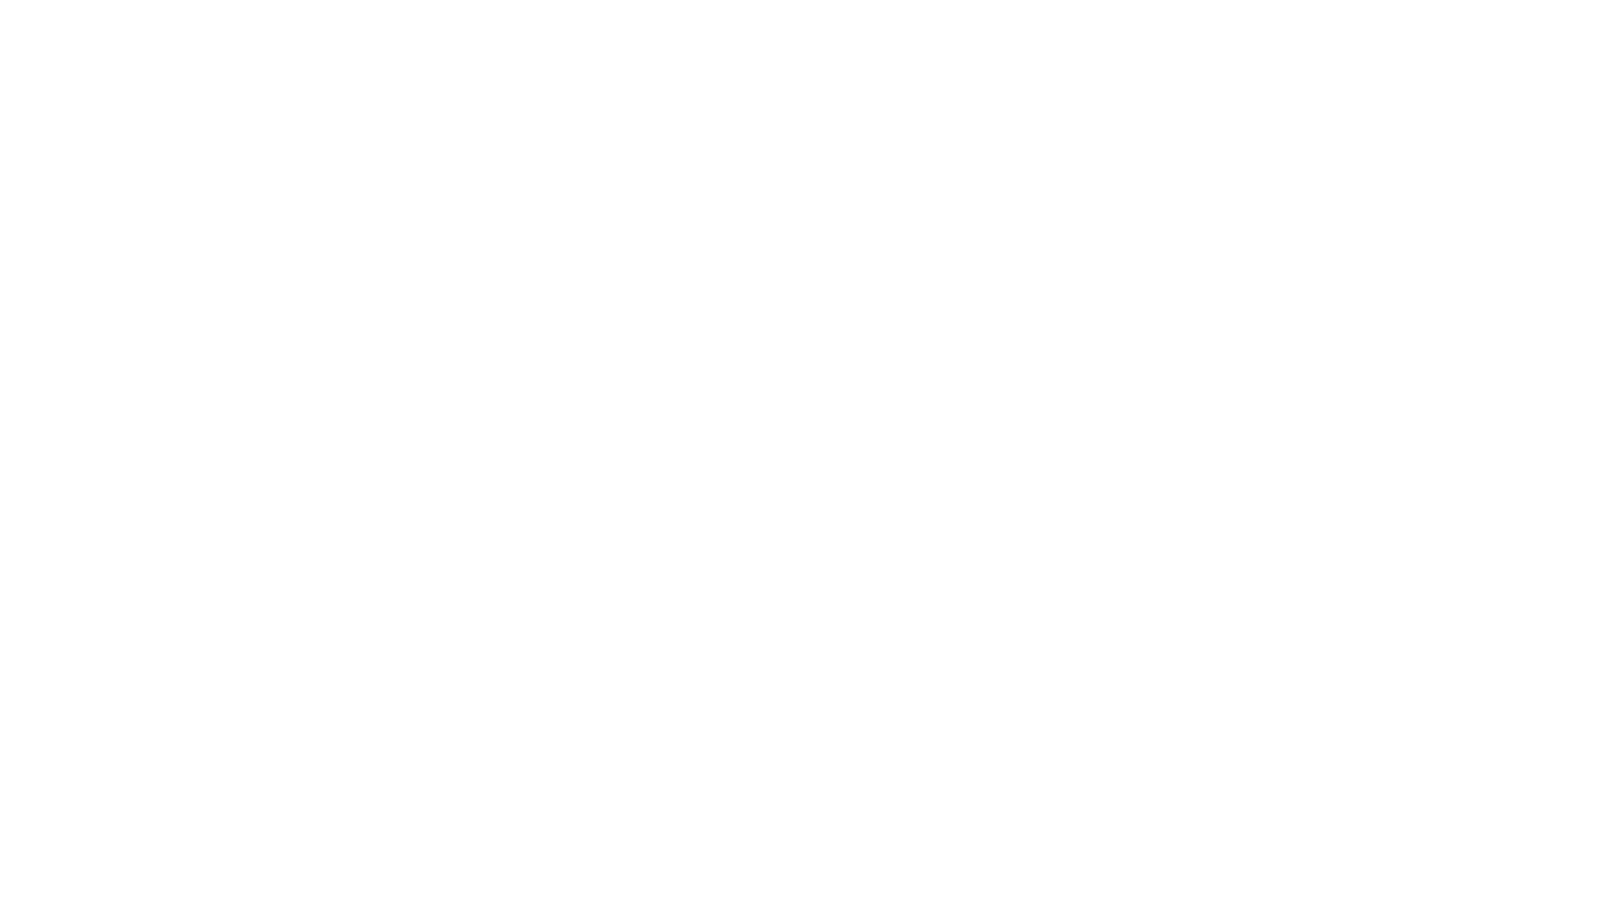 🔴 Zapisz się do Nauk Katolickich 👉 https://naukikatolickie.pl/zapisy  W najnowszym odcinku Nauk Katolickich dowiemy poznamy Historie Jana Chrzciciela.  Dziękujemy Wam drodzy Darczyńcy ❤️ to dzięki Wam możemy realizować ten odcinek Nauk Katolickich jak i wszystkie inne działania. Bóg Wam Zapłać 🥰  Jeżeli jeszcze nie subskrybujesz kanału możesz to zrobić tutaj 🔔 SUBSKRYBUJ https://bit.ly/NaukiKatolickie  . . . . . . . . . . . . . . . PROPOZYCJA JAŁMUŻNY  Chcesz dołączyć do grona Darczyńców i pomagać nam w realizowaniu misji Nauk Katolickich? 💛 Twoja Jałmużna 👉 https://naukikatolickie.pl/wsparcie  ❤️ YouTube - możesz też kliknąć WSPIERAM pod filmem i wspierać nas bezpośrednio przez YouTube.  Bóg Wam Zapłać Kochani 💗💗💗 . . . . . . . . . . . . . . .  ► Nauki o Spowiedzi: https://www.youtube.com/watch?v=PxJhJshjv0w&list=PLX3sqO6QwGGAgvMnk1WFZecrJoNIBC5sM&index=1  ► o Mszy Świętej: https://www.youtube.com/watch?v=V1F56DSBUeU&list=PLX3sqO6QwGGDoXPnItAtdahedZDQh9JIn&index=1  ► Zasady Życia Chrześcijanina: https://www.youtube.com/watch?v=HXw6f_srQWU&list=PLX3sqO6QwGGA54WXXc1vkNM2eiwTl4e5Q&index=2  ►Triduum Paschalne: https://www.youtube.com/watch?v=R8fNKtpL7wI&list=PLX3sqO6QwGGAX9D8f8K-JMMlVZdLUfgEv&index=1  ► Czym jest Przedpoście: https://www.youtube.com/watch?v=7Hb8XYMf5BM&list=PLX3sqO6QwGGAX9D8f8K-JMMlVZdLUfgEv&index=2  ► Historia Różańca Świętego: https://www.youtube.com/watch?v=IErOroBogaQ&list=PLX3sqO6QwGGA6gwu24WPMqoGgyV-fOtsF&index=1  ► Nauki o SPOWIEDZI: https://bit.ly/Nauki-o-Spowiedzi  . . . . . . . . . . . . . . .  🔔 SUBSKRYBUJ https://bit.ly/NaukiKatolickie ❤️ Różne formy Wsparcia 👉 https://naukikatolickie.pl/wsparcie . . . . . . . . . .  🤍 YouTube: https://www.youtube.com/channel/UC5gl4IWityEkWAEaPuJy8Bw/join . . . . . . . . . .  💗 Zostań Patronem: https://patronite.pl/NaukiKatolickie 💙 Wpłata Jednorazowa: https://www.paypal.com/cgi-bin/webscr?cmd=_s-xclick&hosted_button_id=ASQKMA5G6MS7Y&source=url . . . . . . . . . .  💜 Facebook: https://www.facebook.com/becom